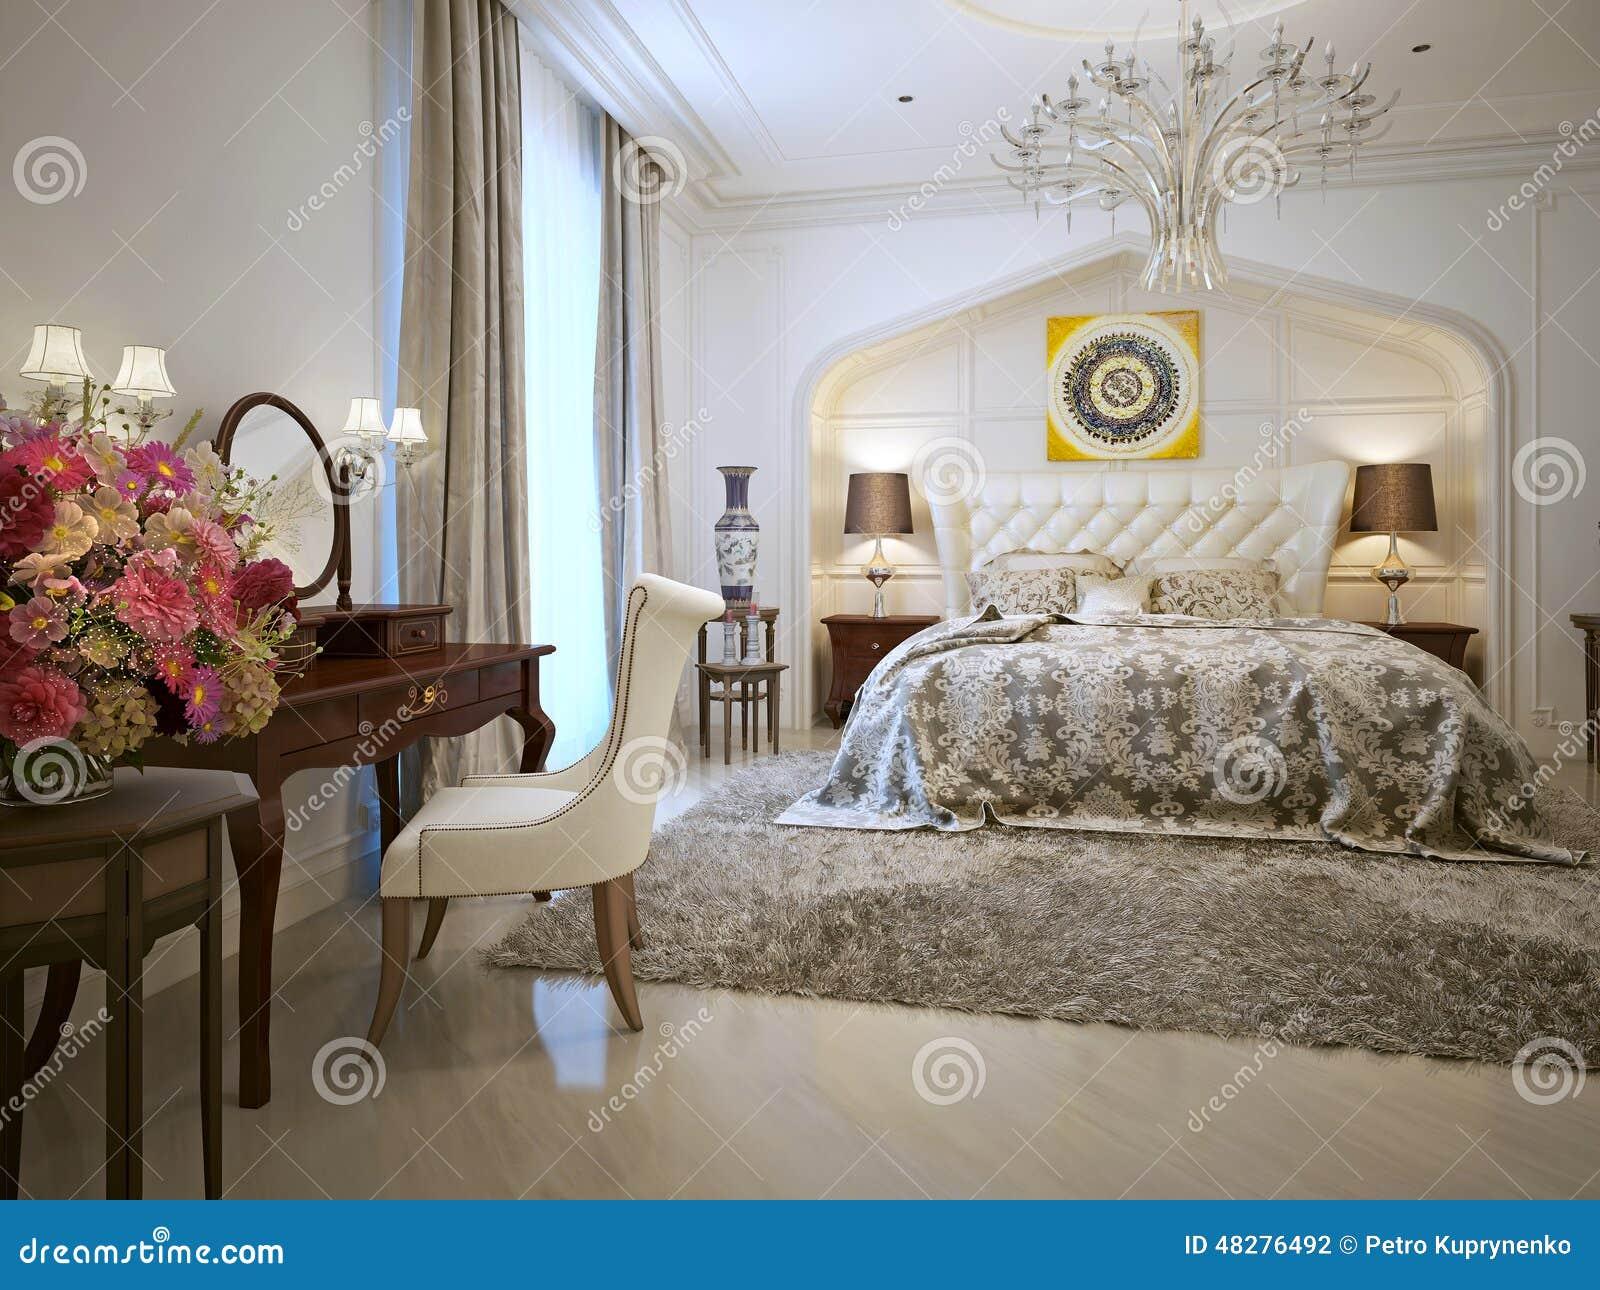 Camera Da Letto Stile Orientale : Stile di orientale della camera da letto illustrazione di stock